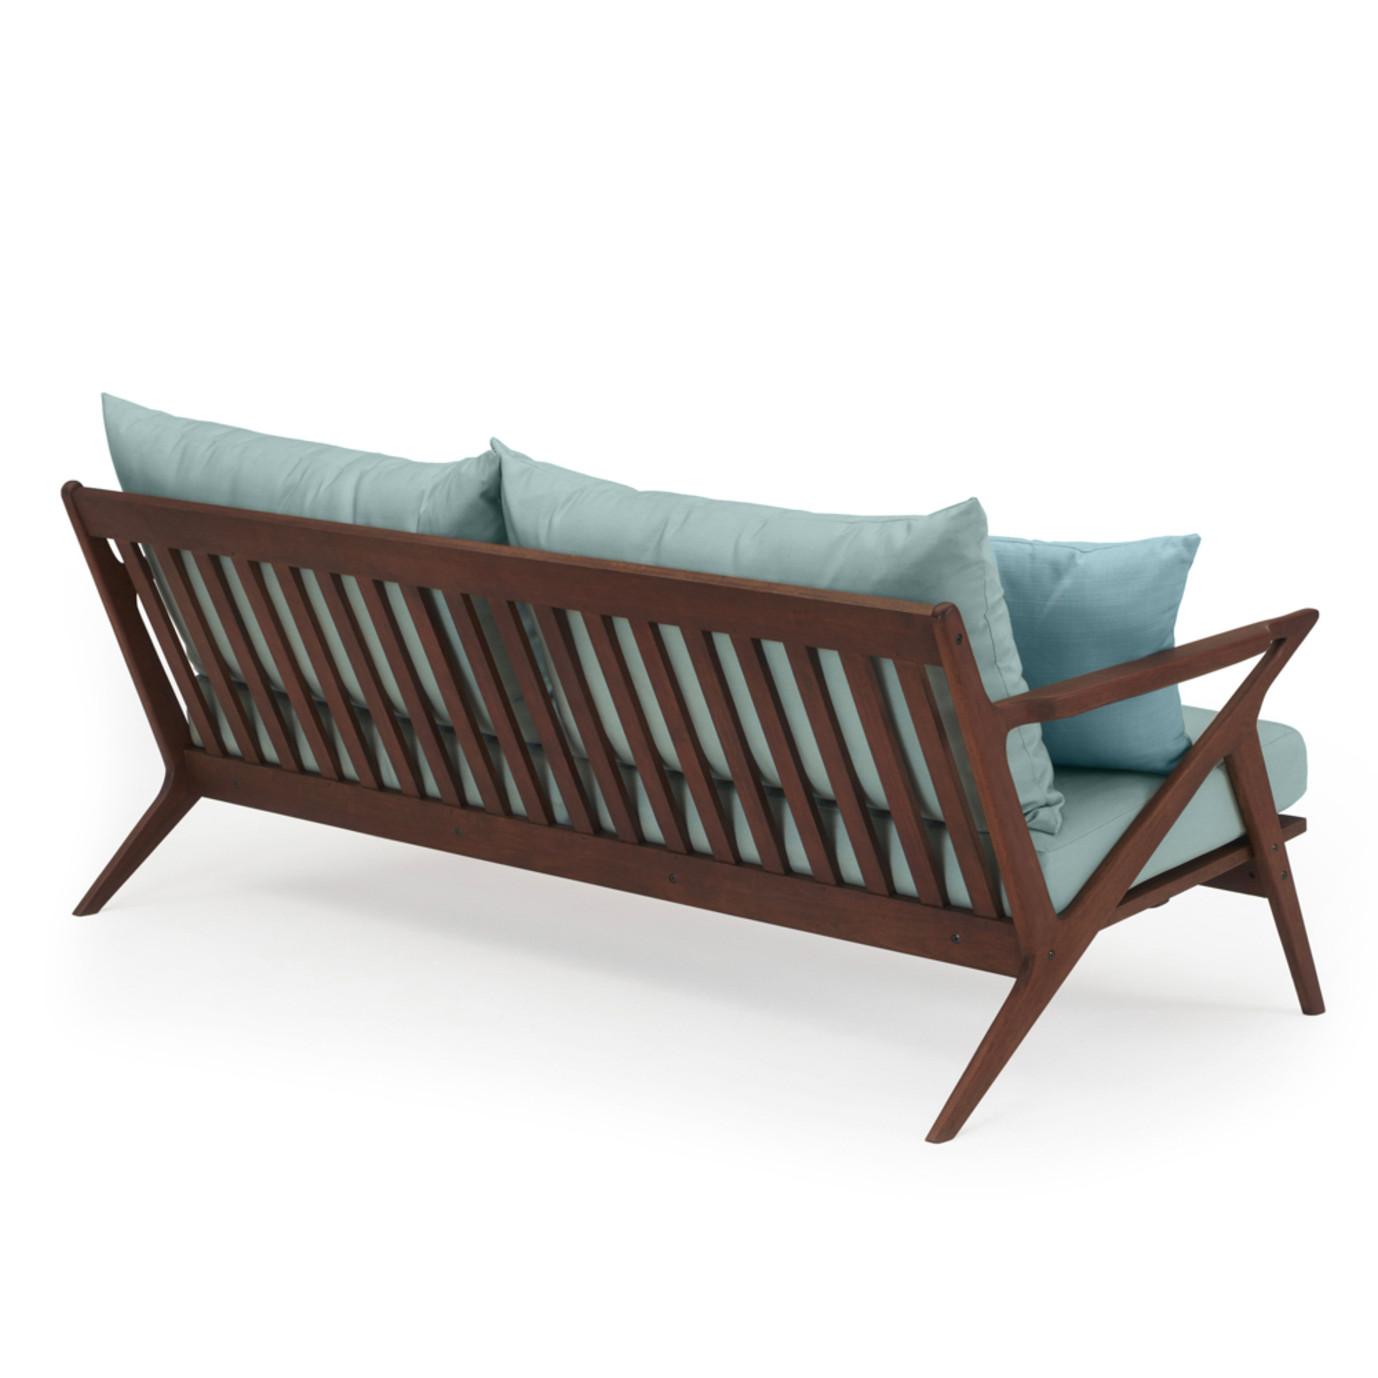 Vaughn 76in Sofa - Spa Blue